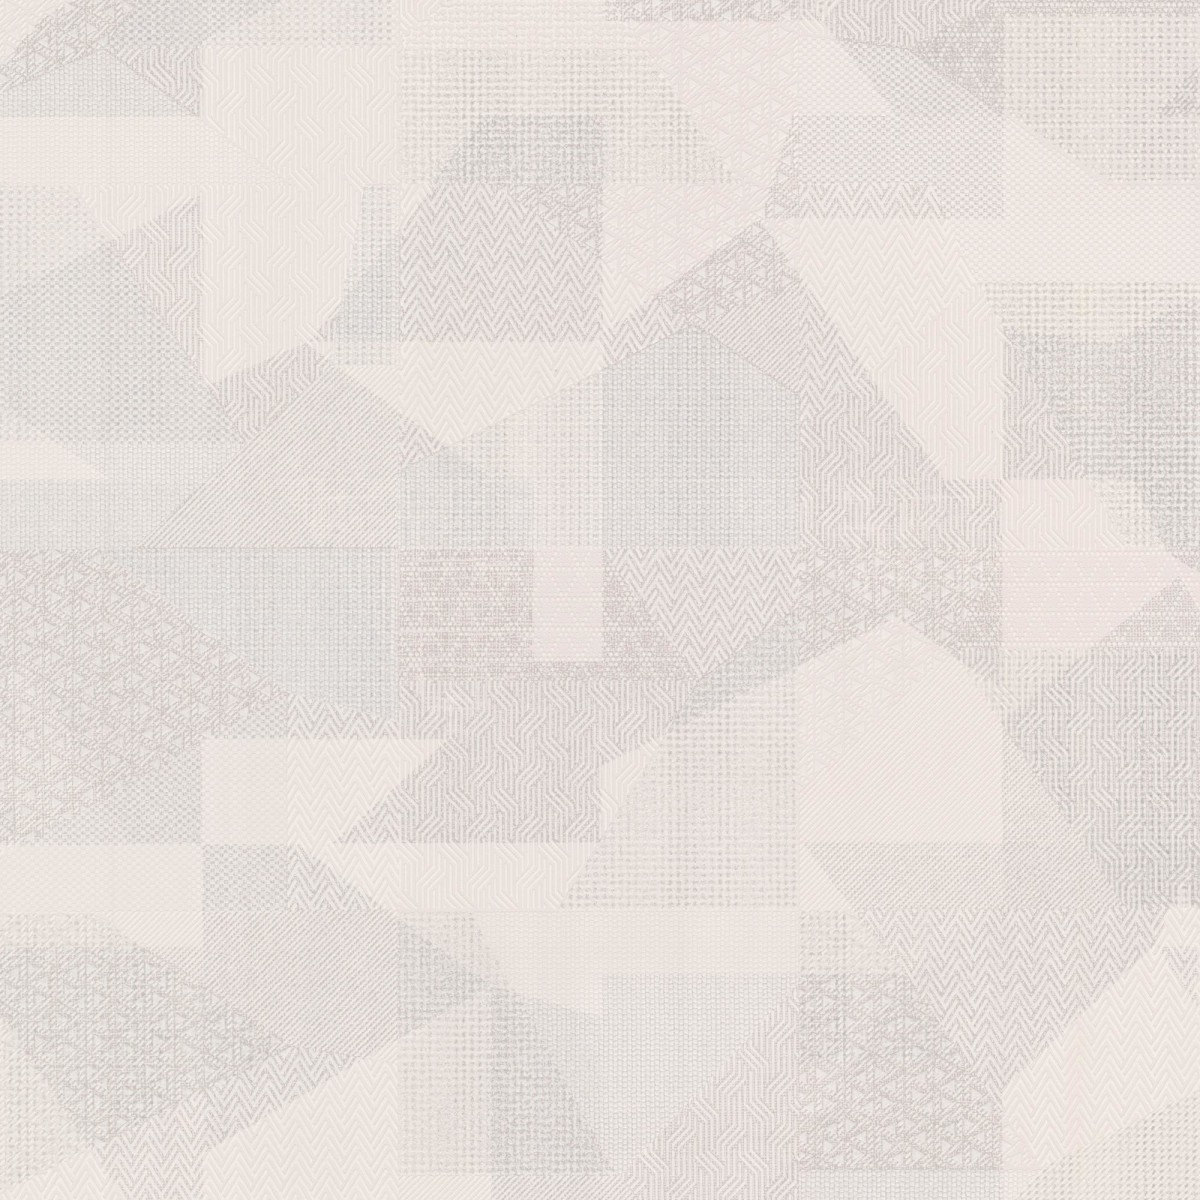 Обои Виниловые Палитра Бежевые 053 М Pl11001-12